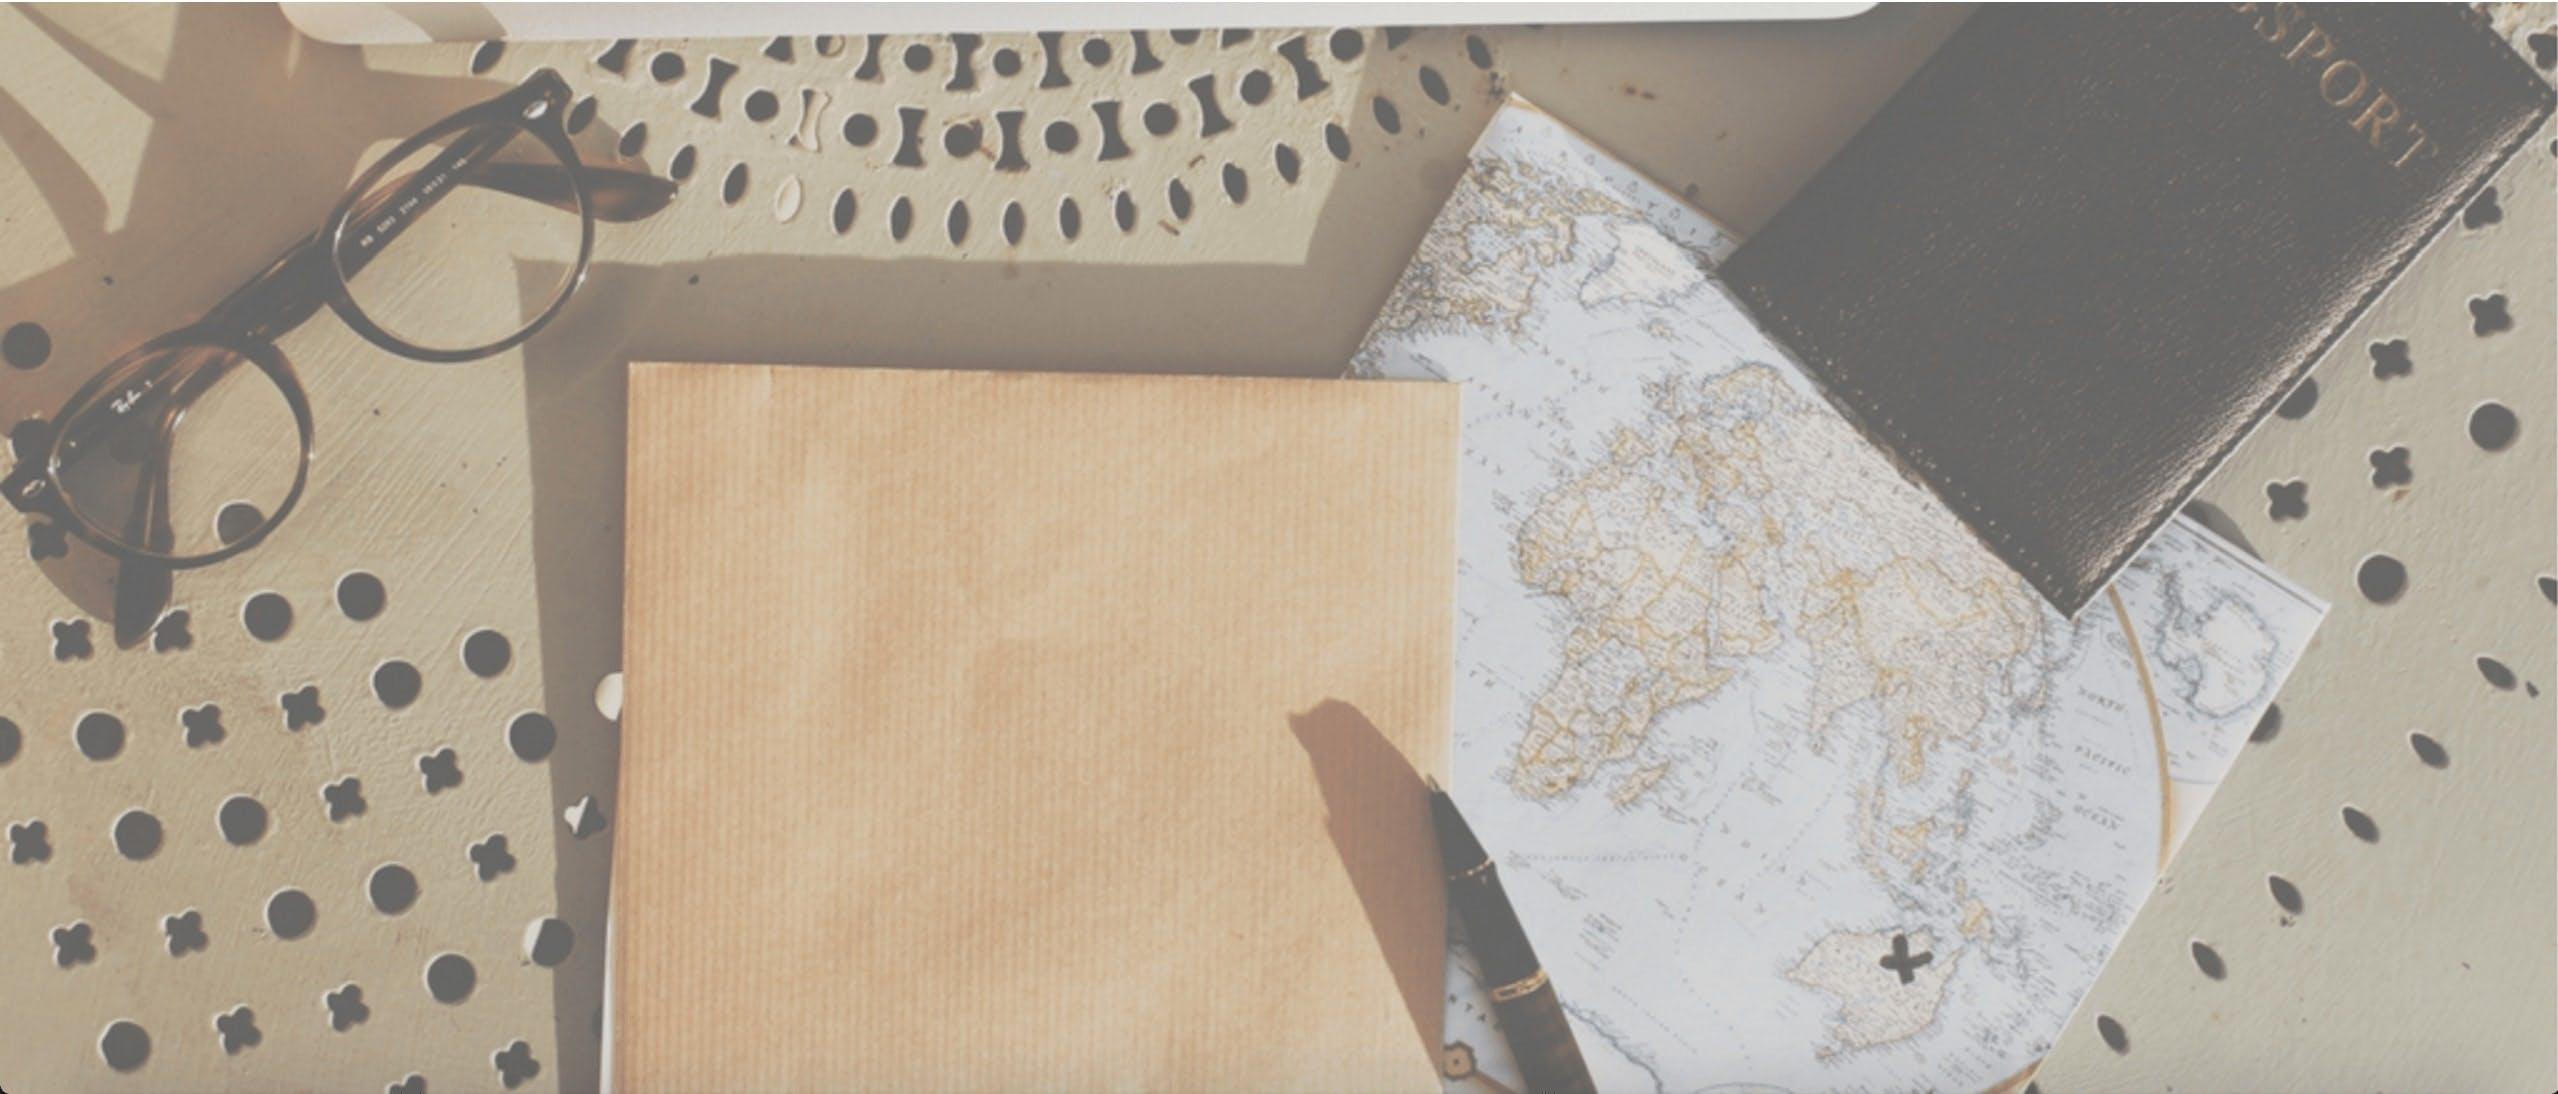 Δωρεάν στοκ φωτογραφιών με γραφείο, γραφείο εργασίας, διαβατήριο, χάρτης